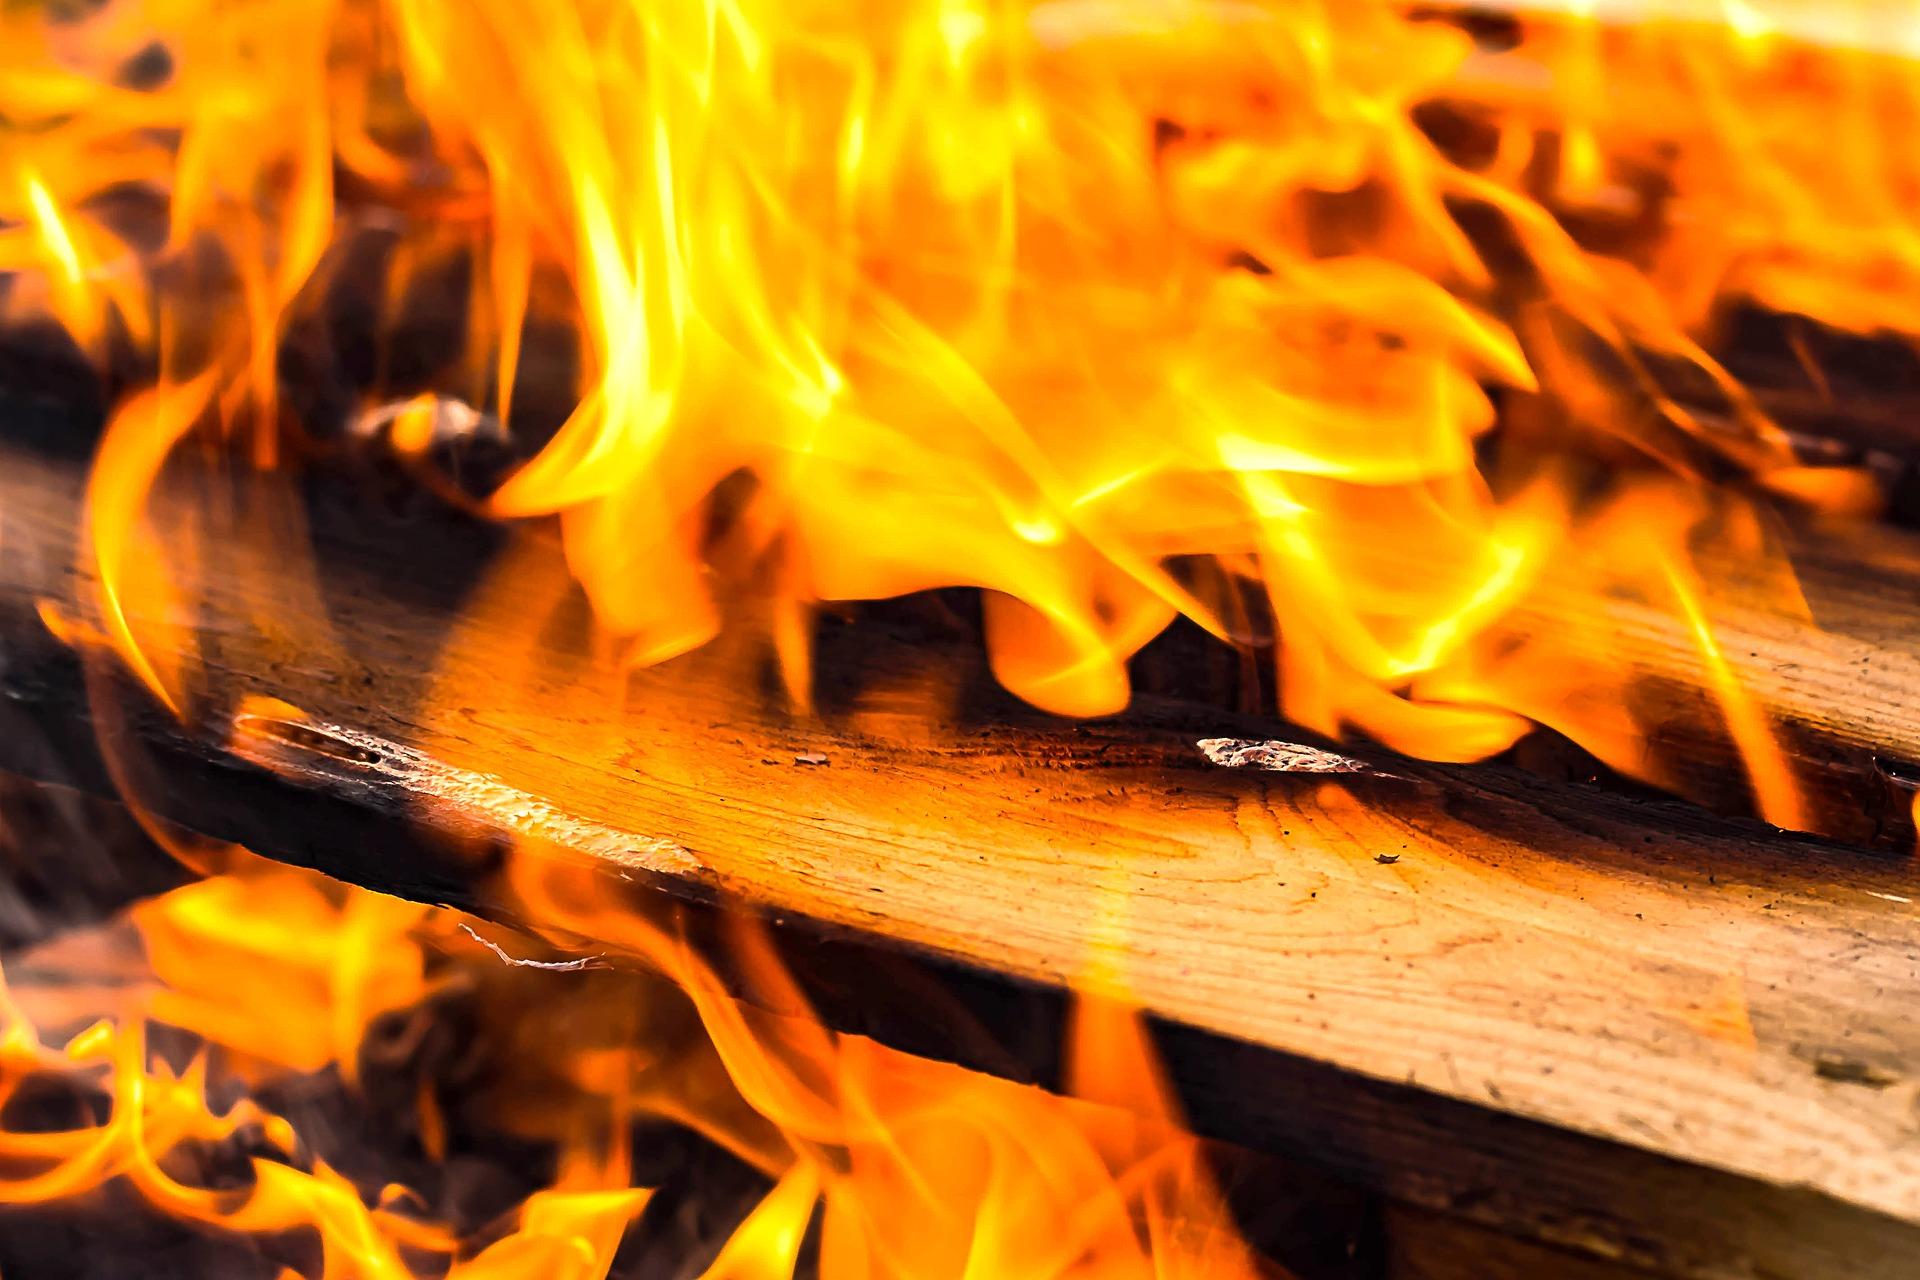 Трое взрослых и ребёнок погибли при пожаре в Петрозаводске